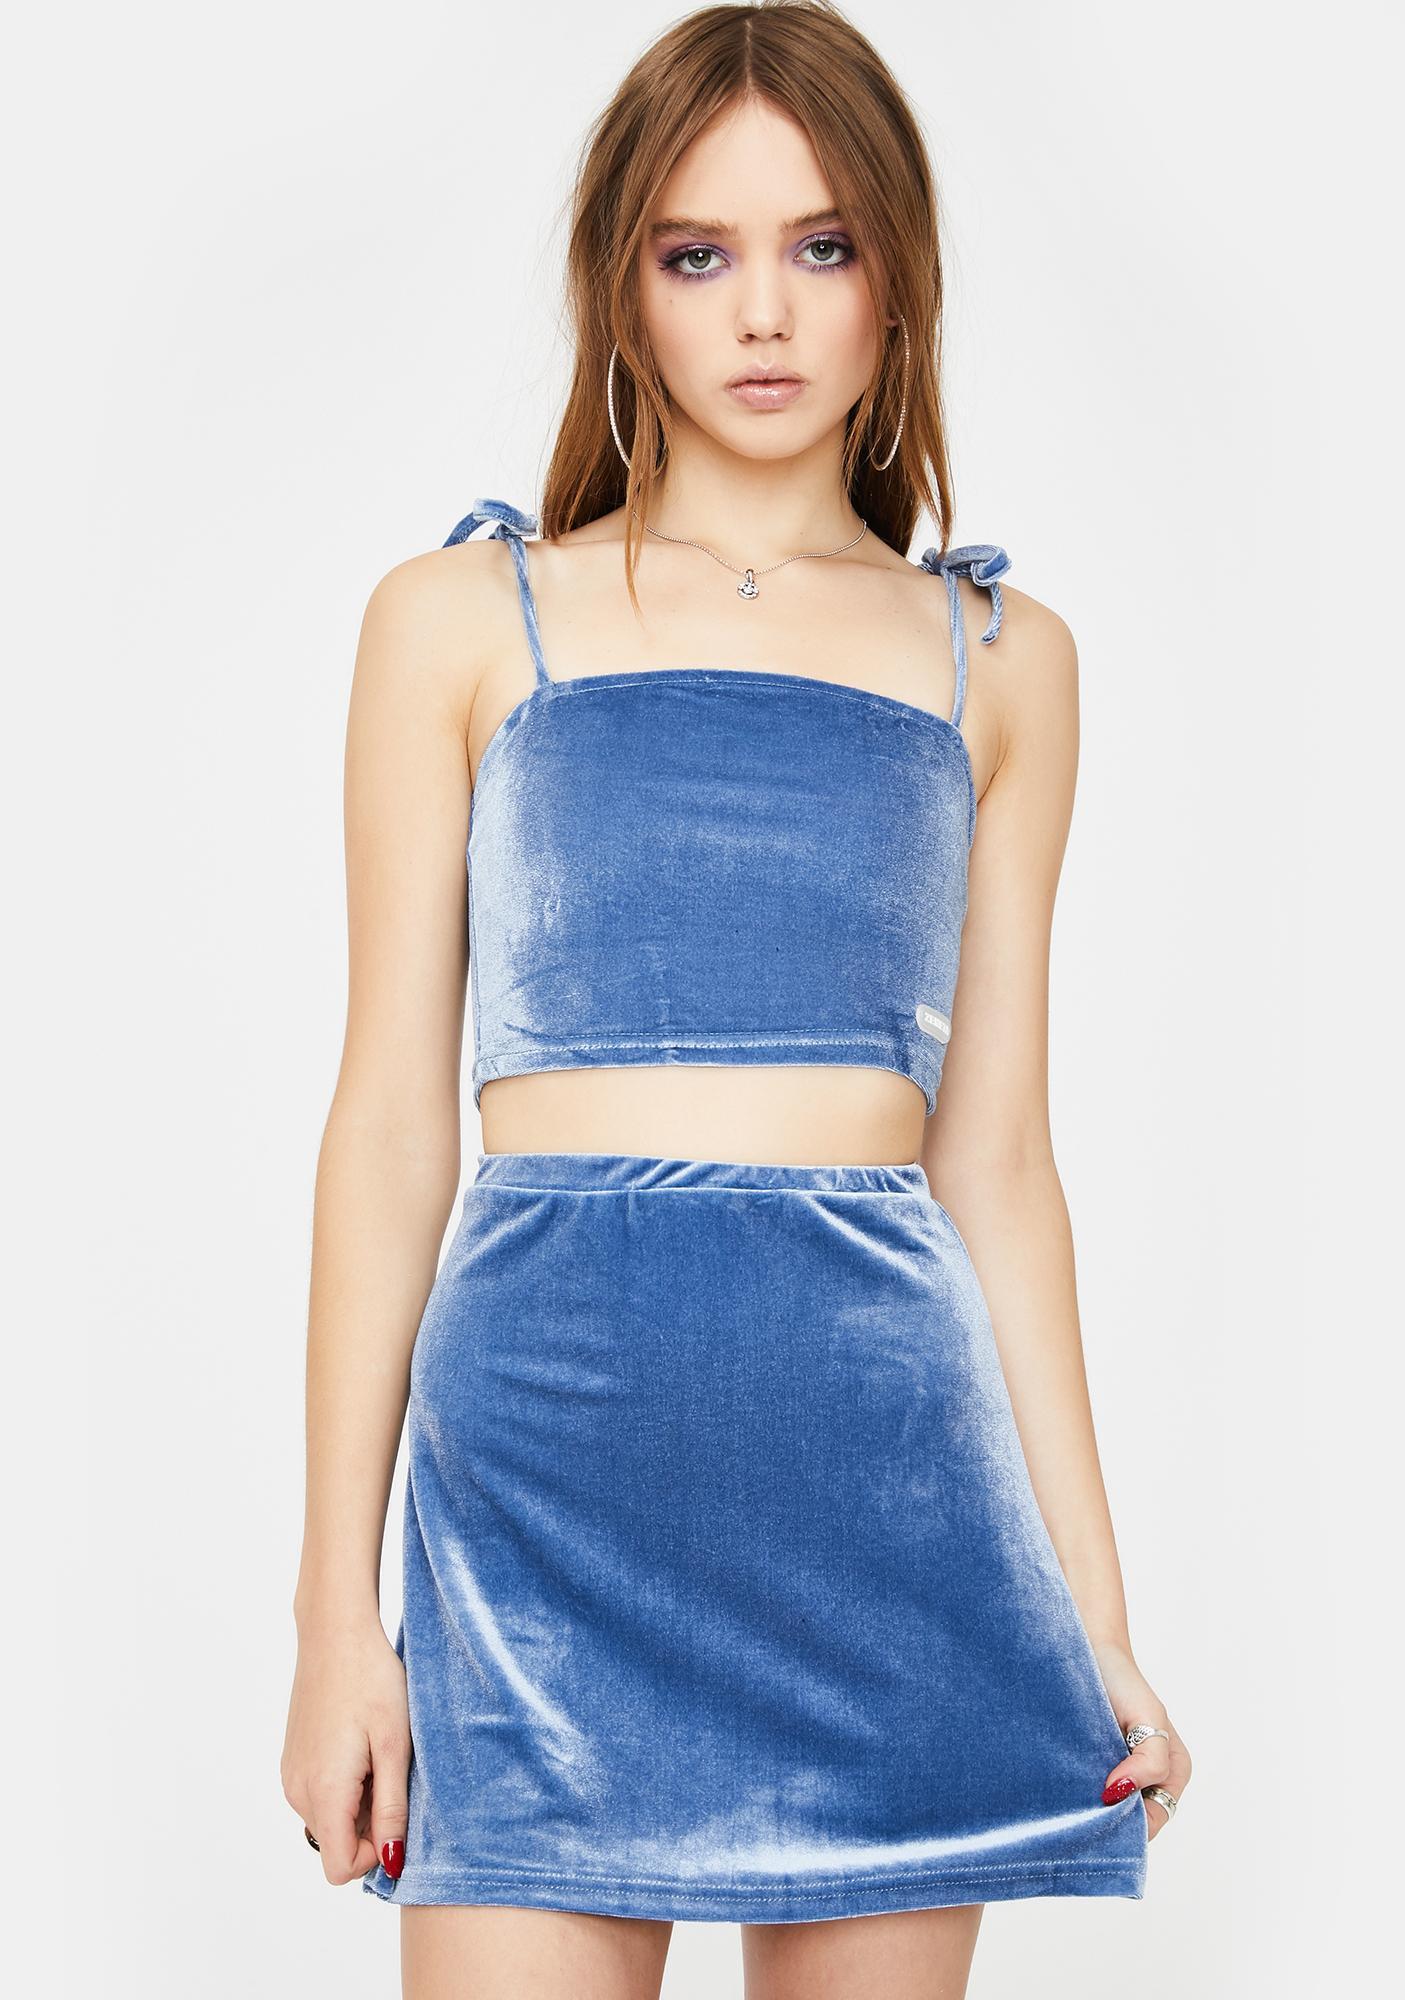 ZEMETA Sky Blue Velvet Skirt Set